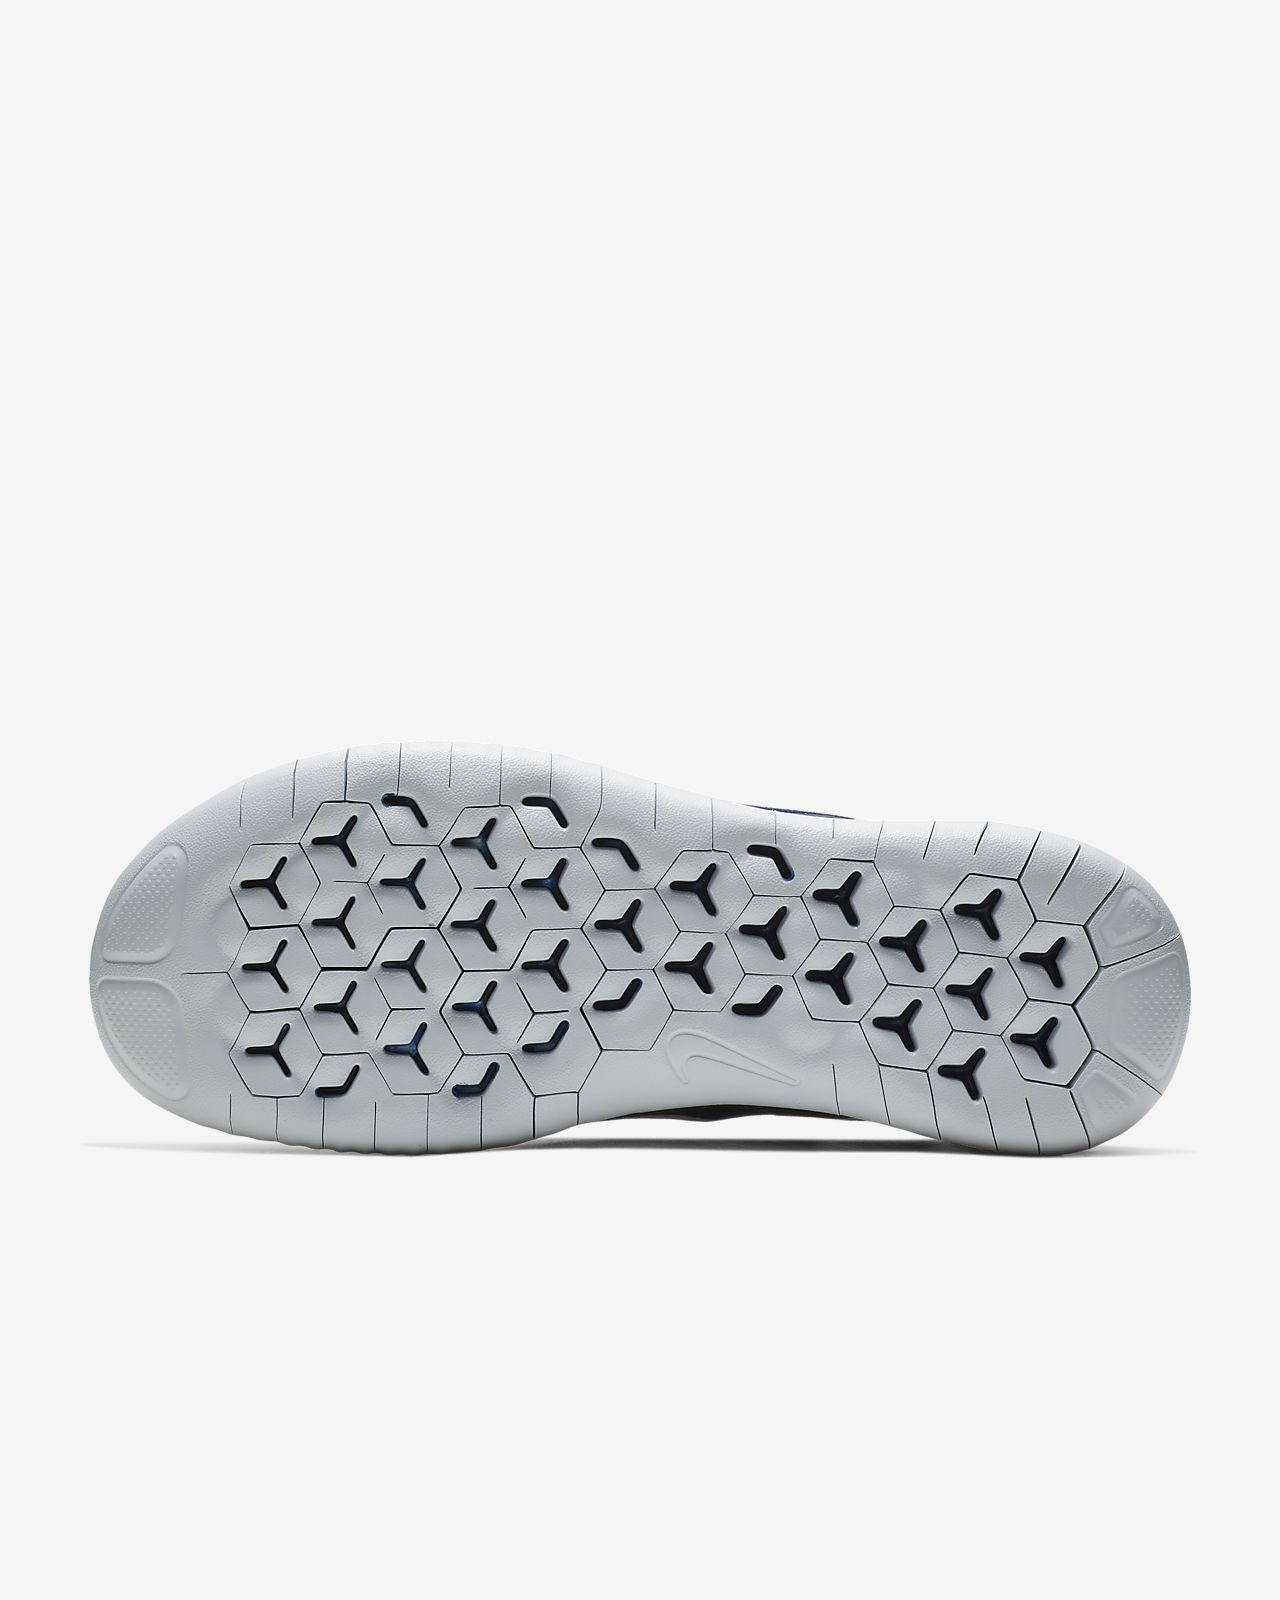 best loved 0fa88 61951 ... Nike Free RN 2018 Women s Running Shoe